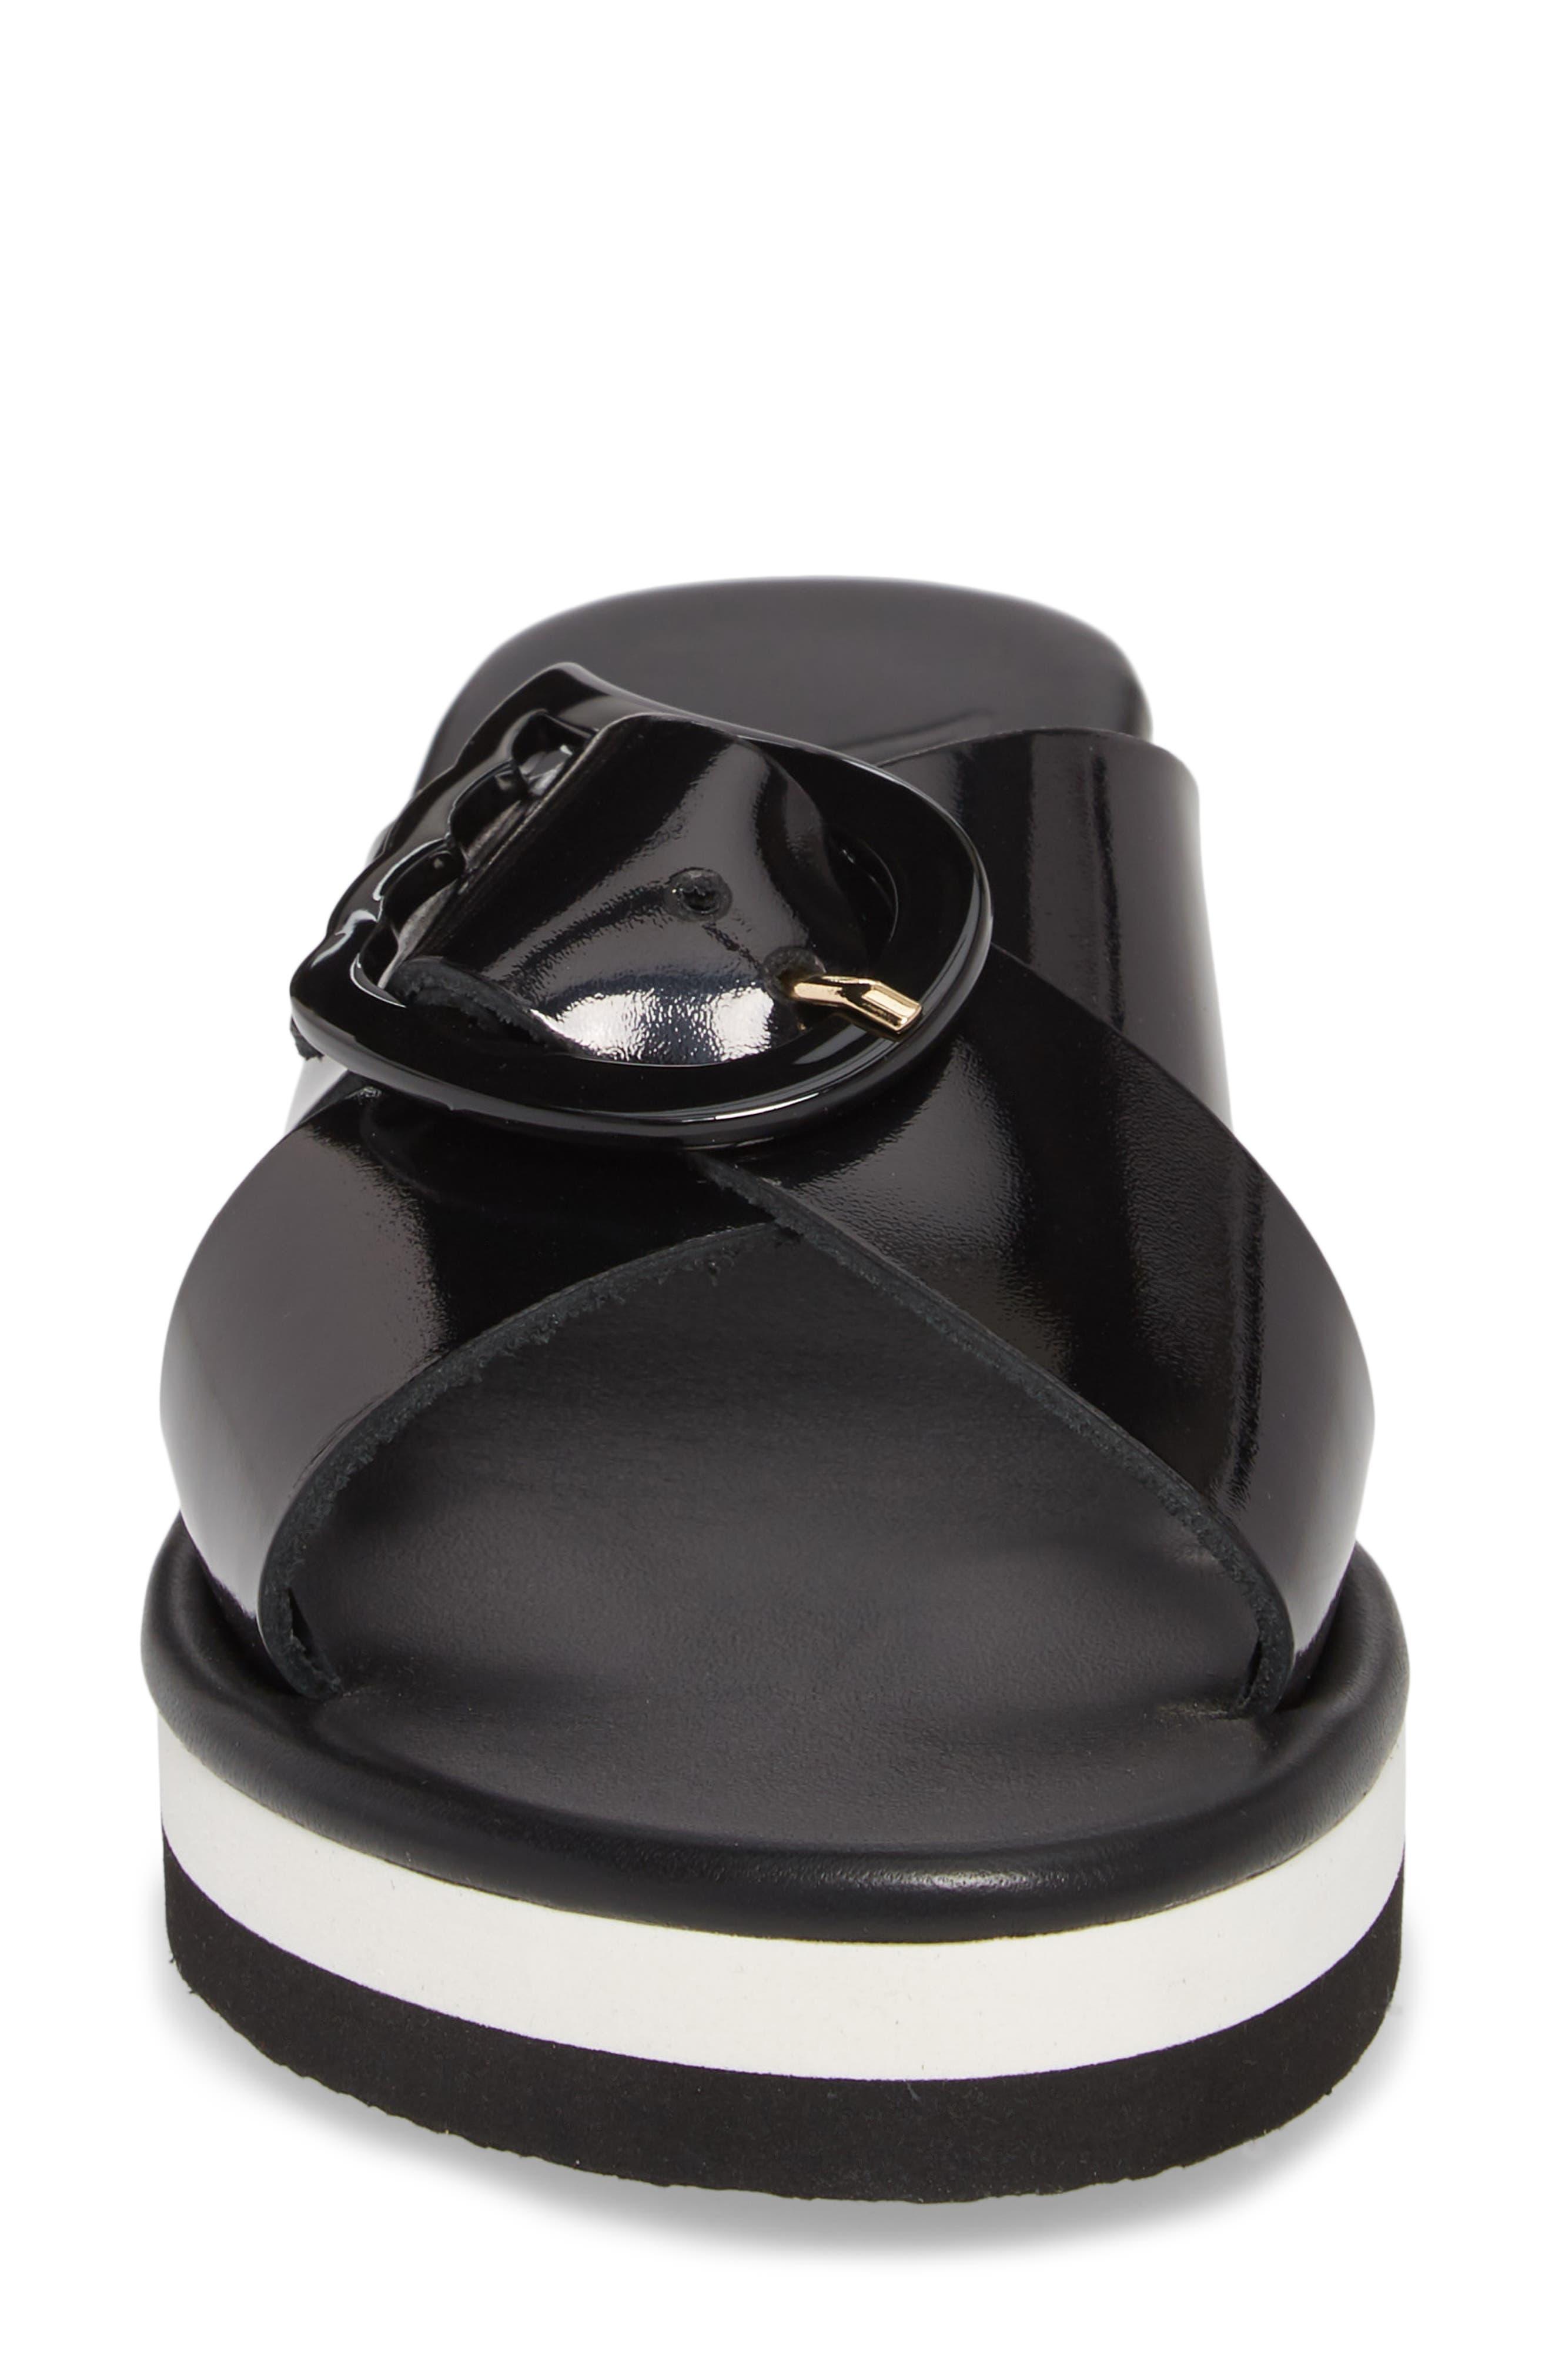 Thais Wedge Slide Sandal,                             Alternate thumbnail 4, color,                             Black